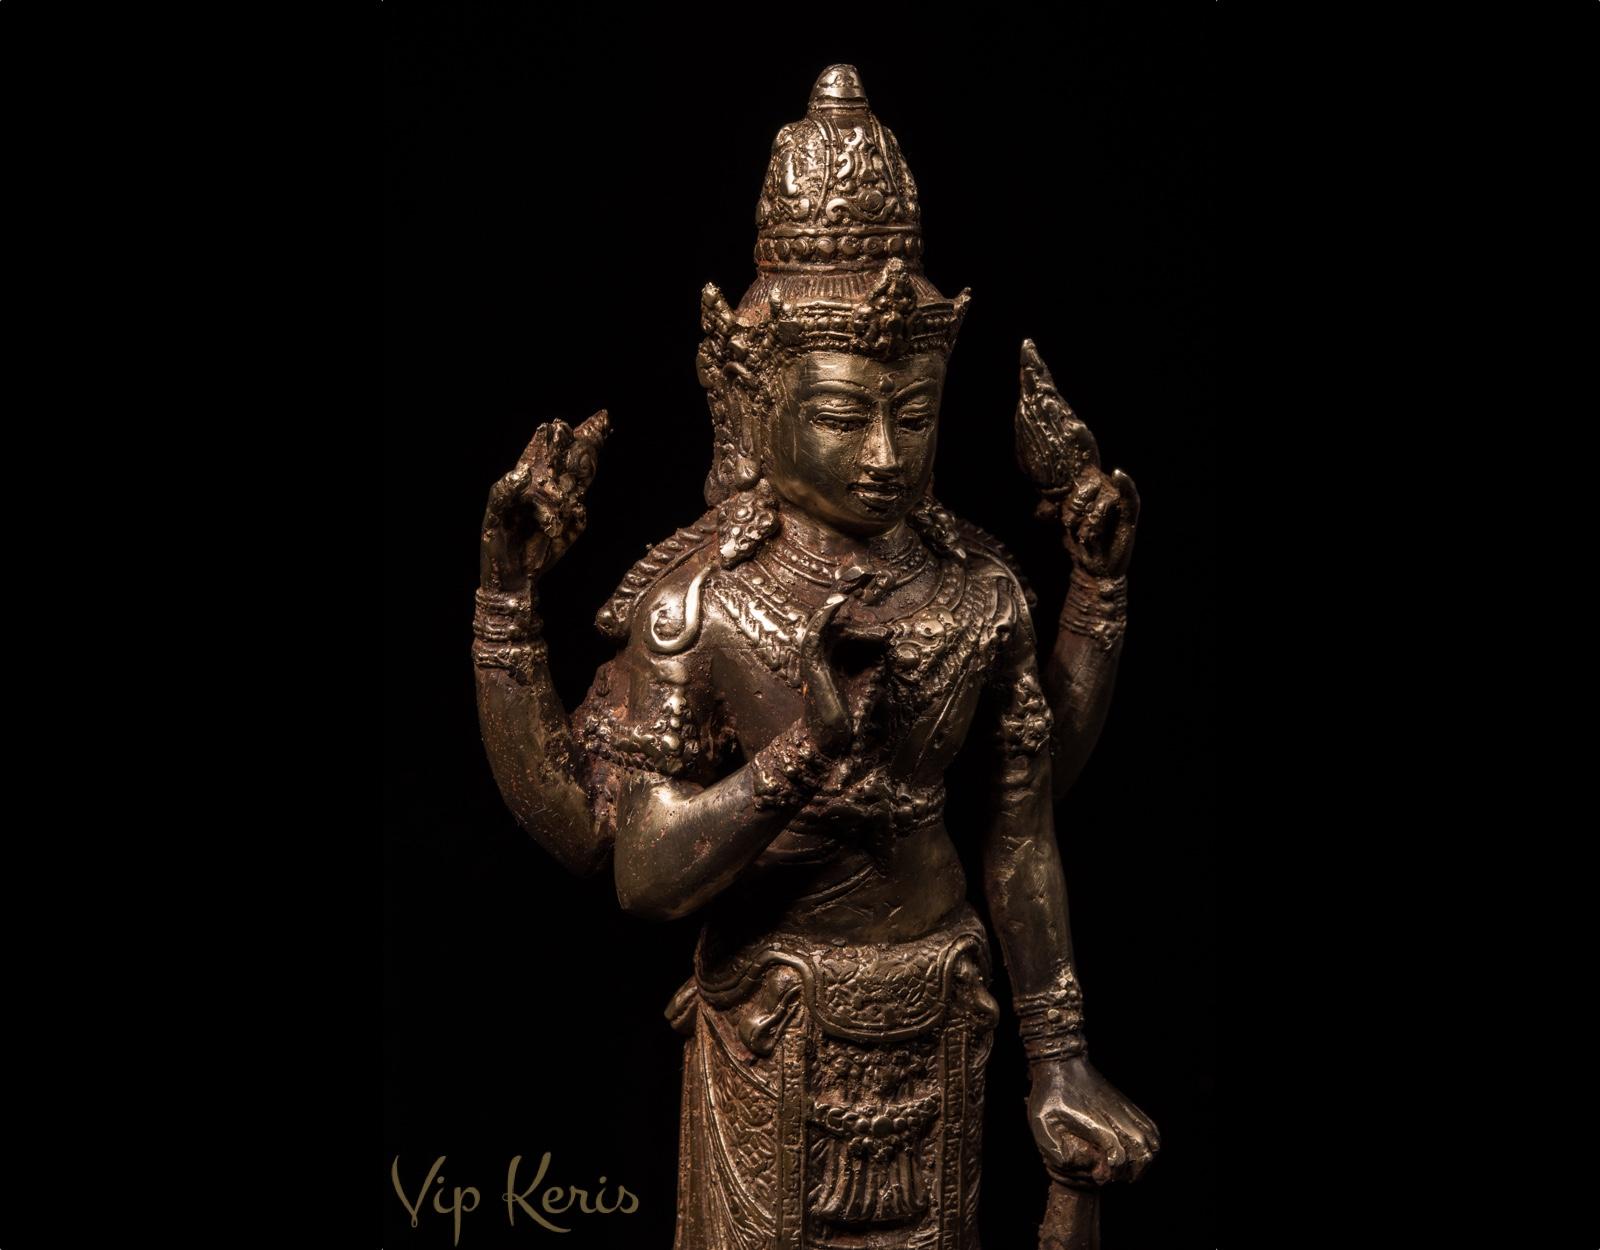 Антикварная статуэтка Вишну, бронза. фото VipKeris